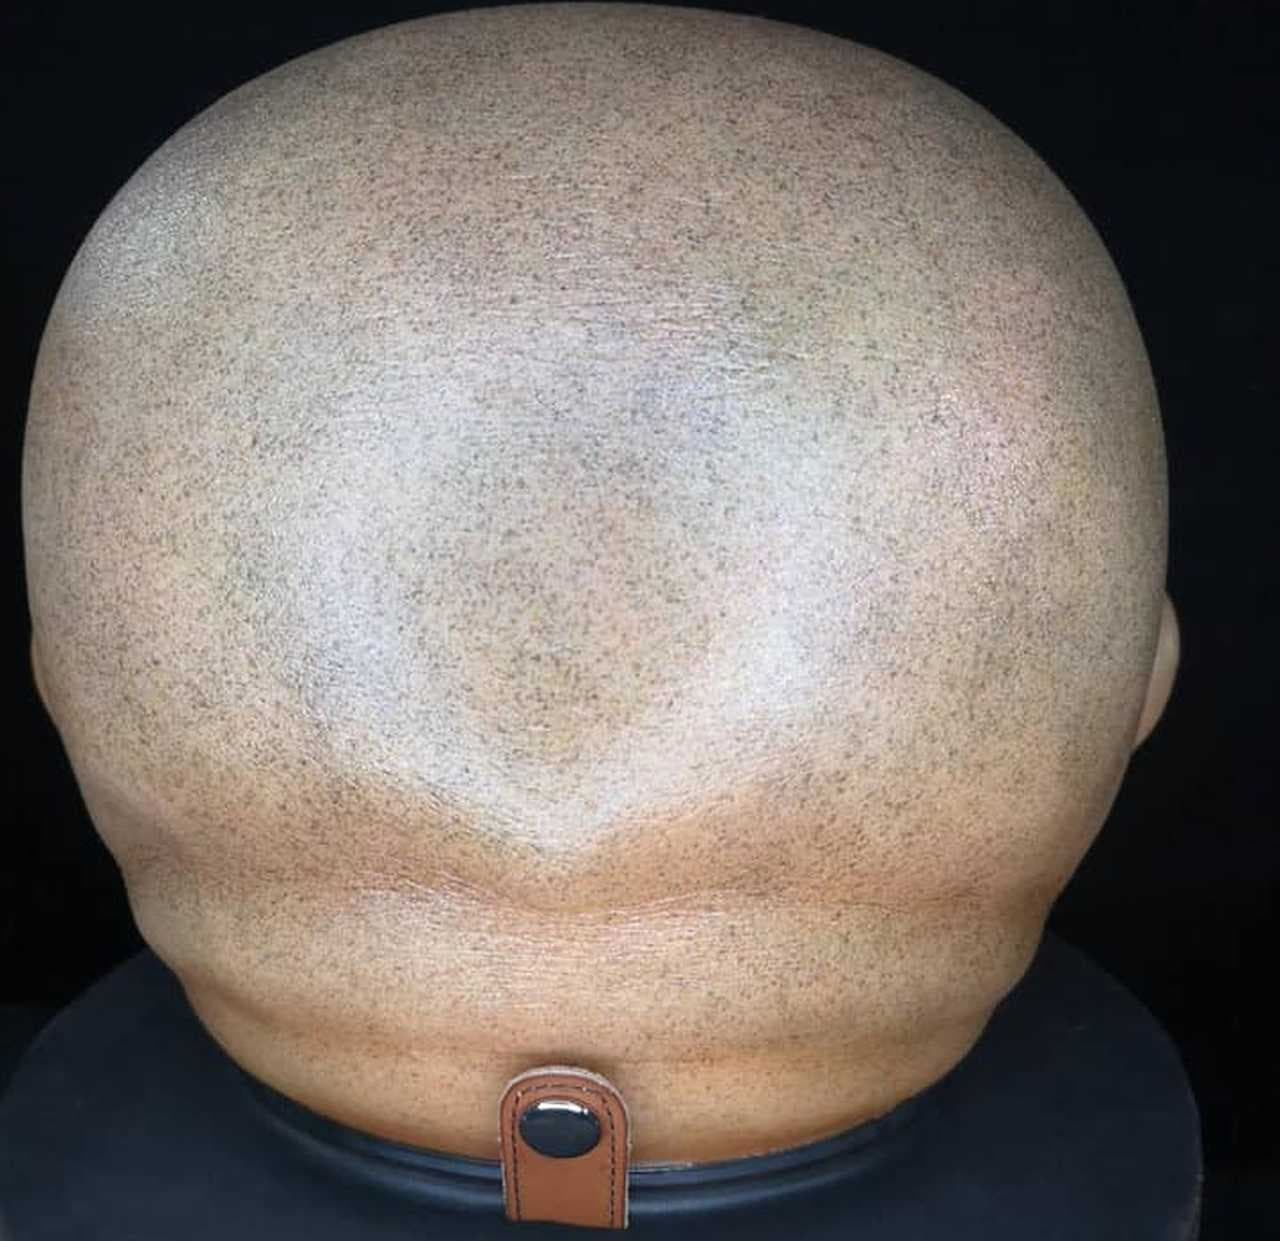 被っていないように見えるヘルメット「HEARMET」